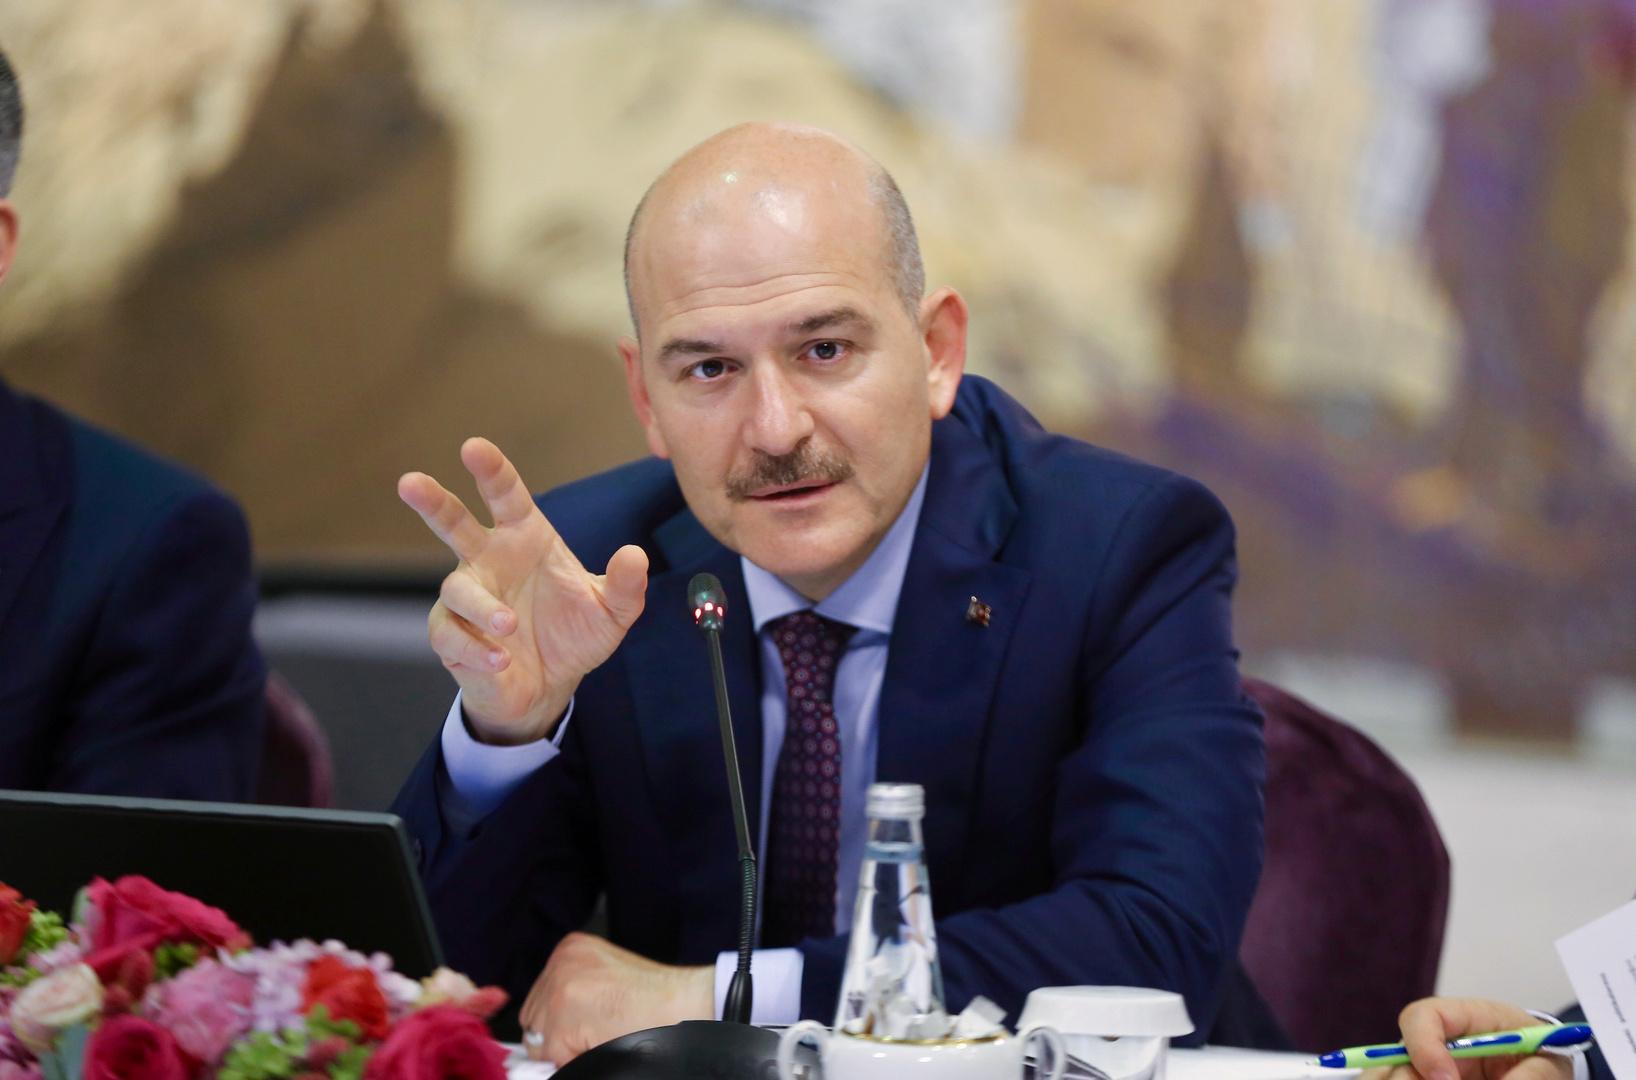 وزير الداخلية التركي يوجه انتقادات حادة لواشنطن بعد إعلانها عن هجمات إرهابية محتملة